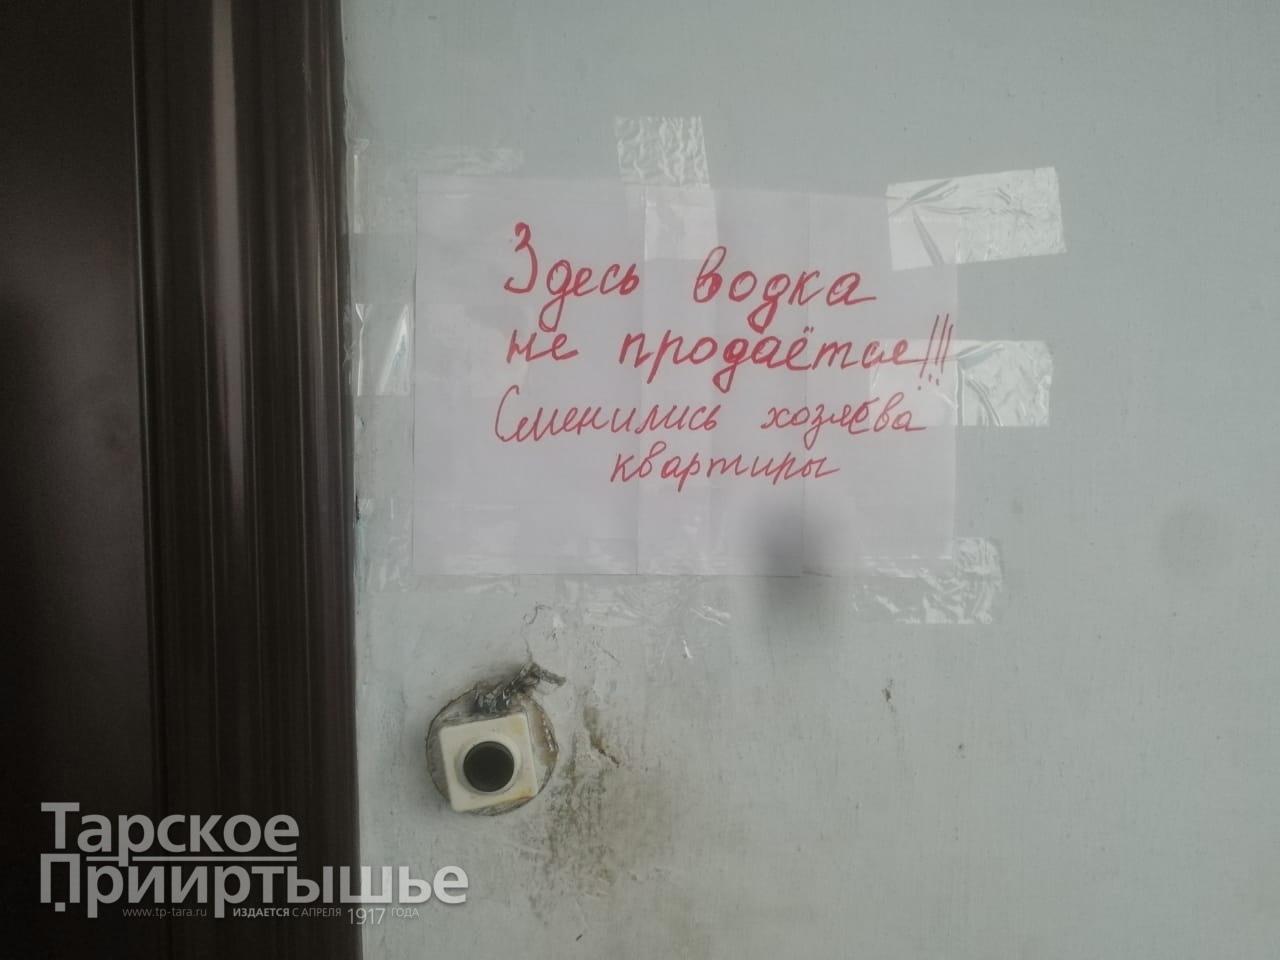 Жители Тары купили квартиру, и к ним теперь по ночам ходят за водкой #Омск #Общество #Сегодня